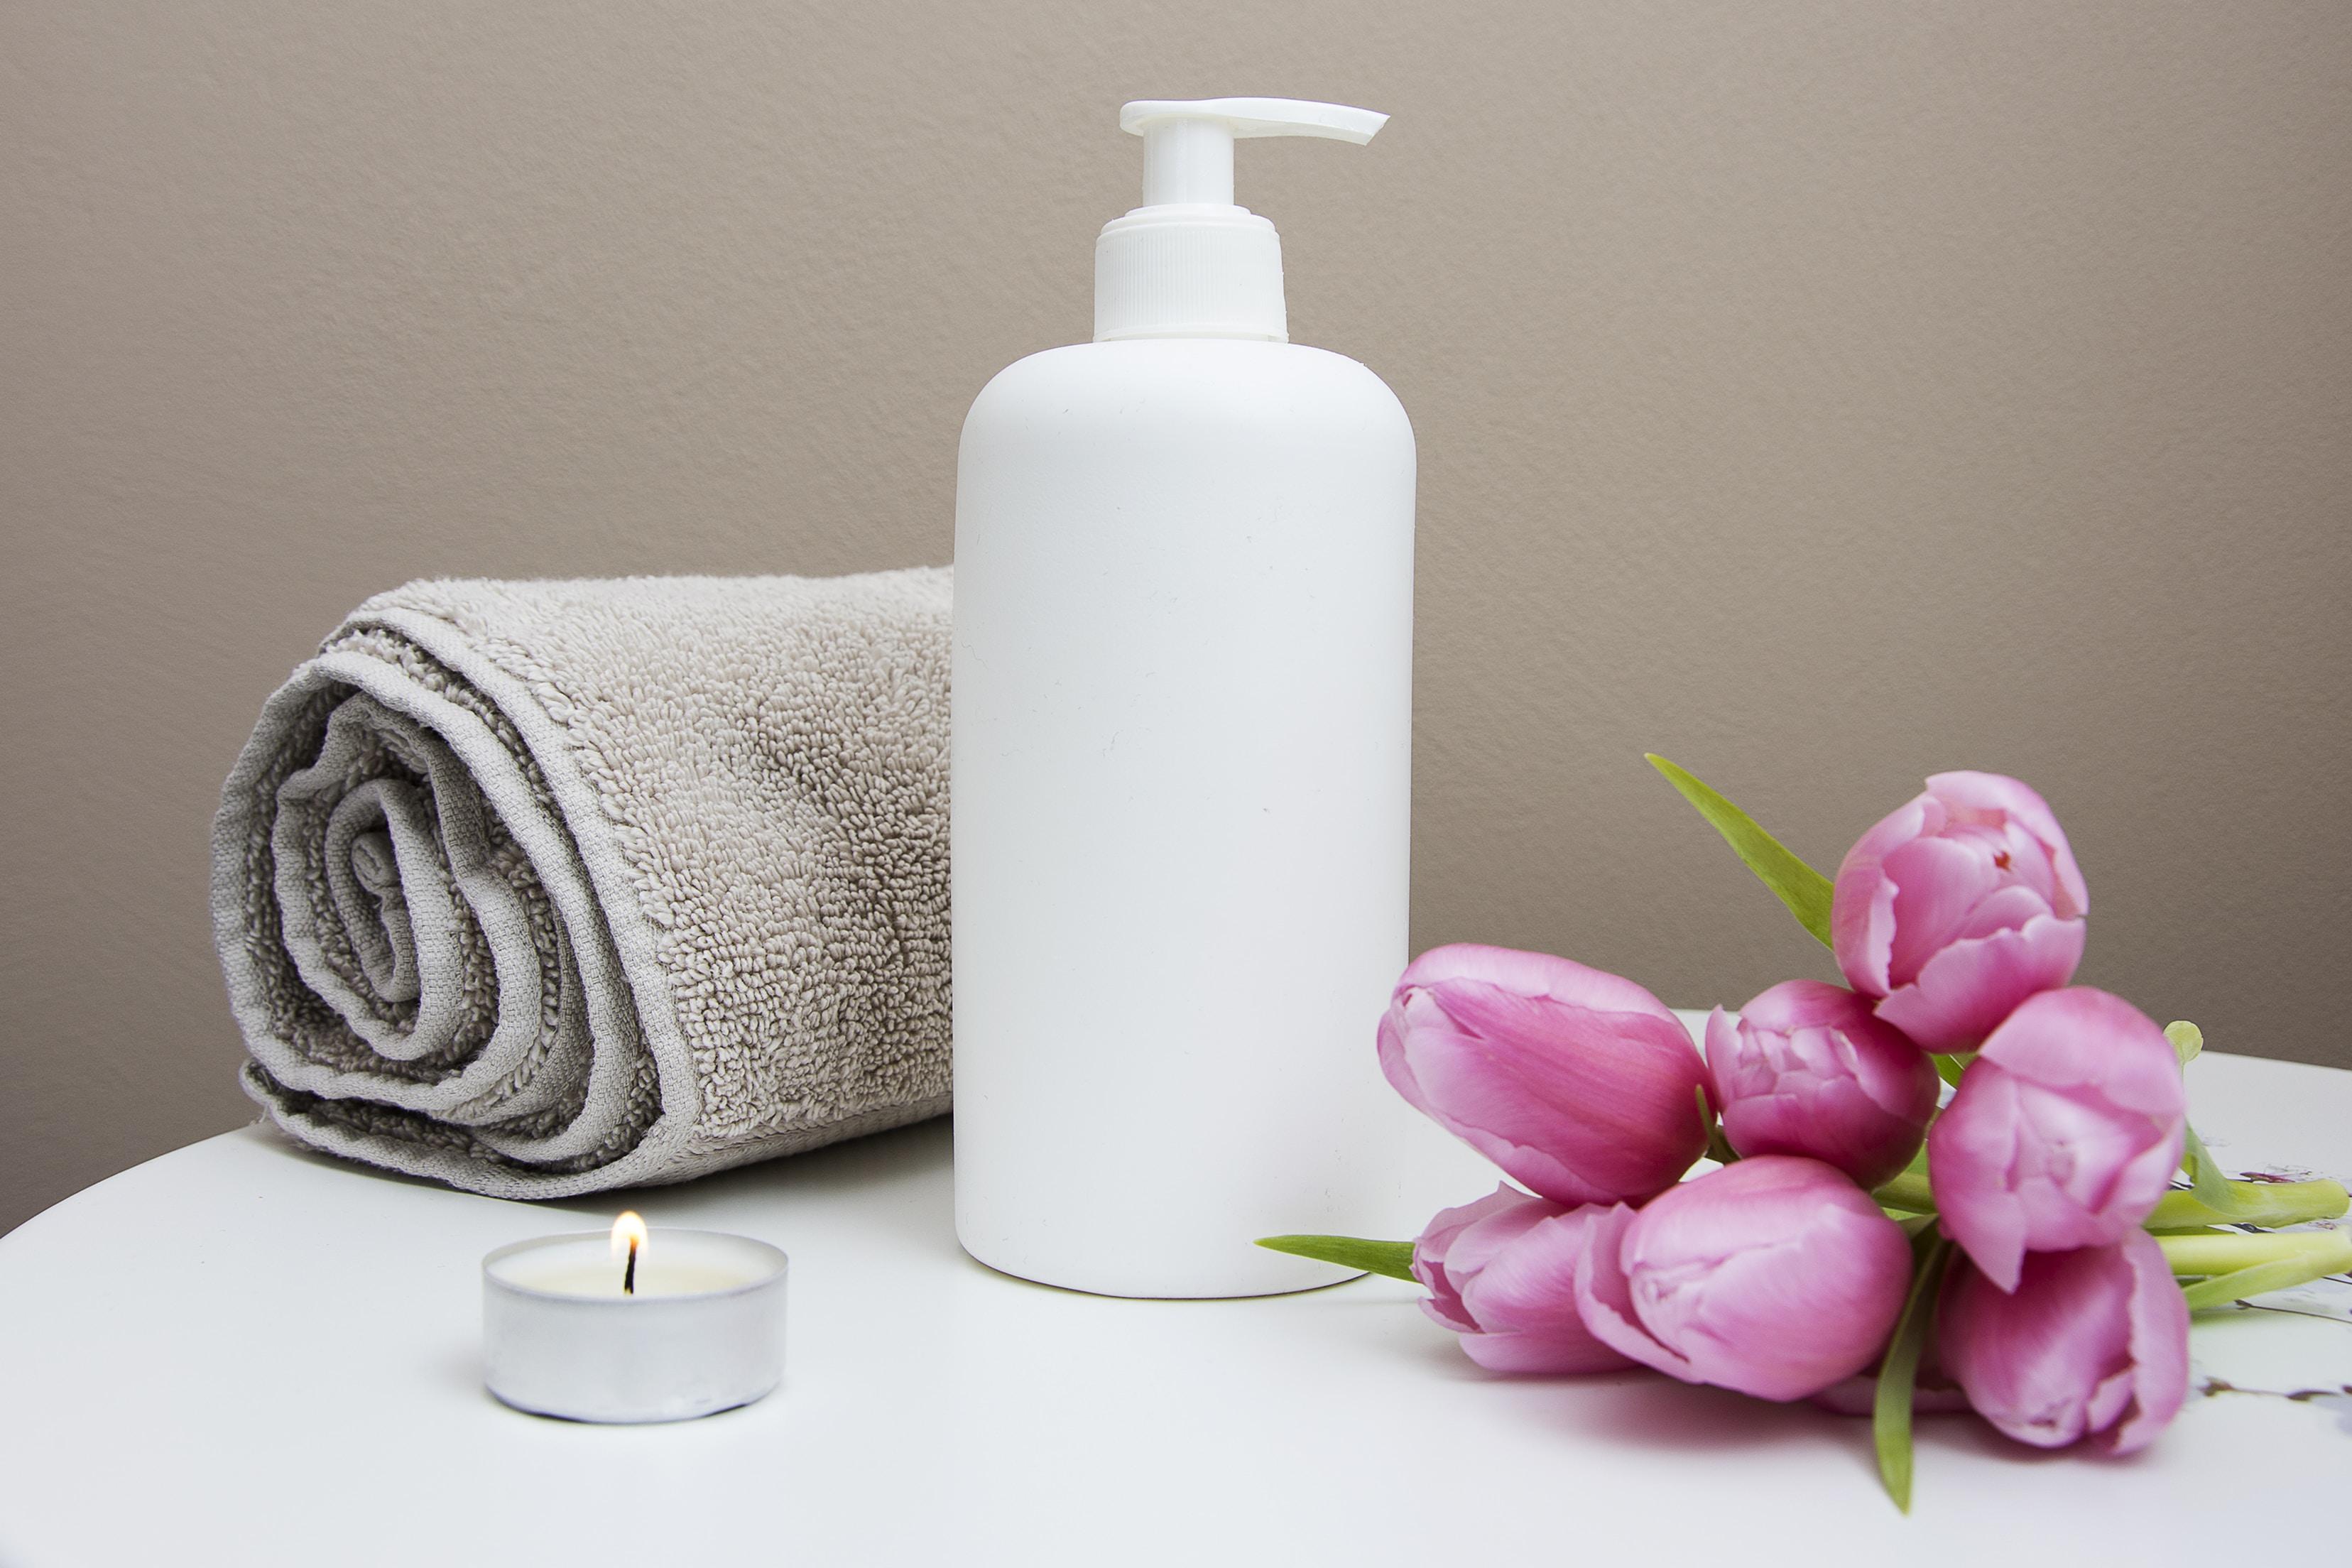 Relaxing massage equipment